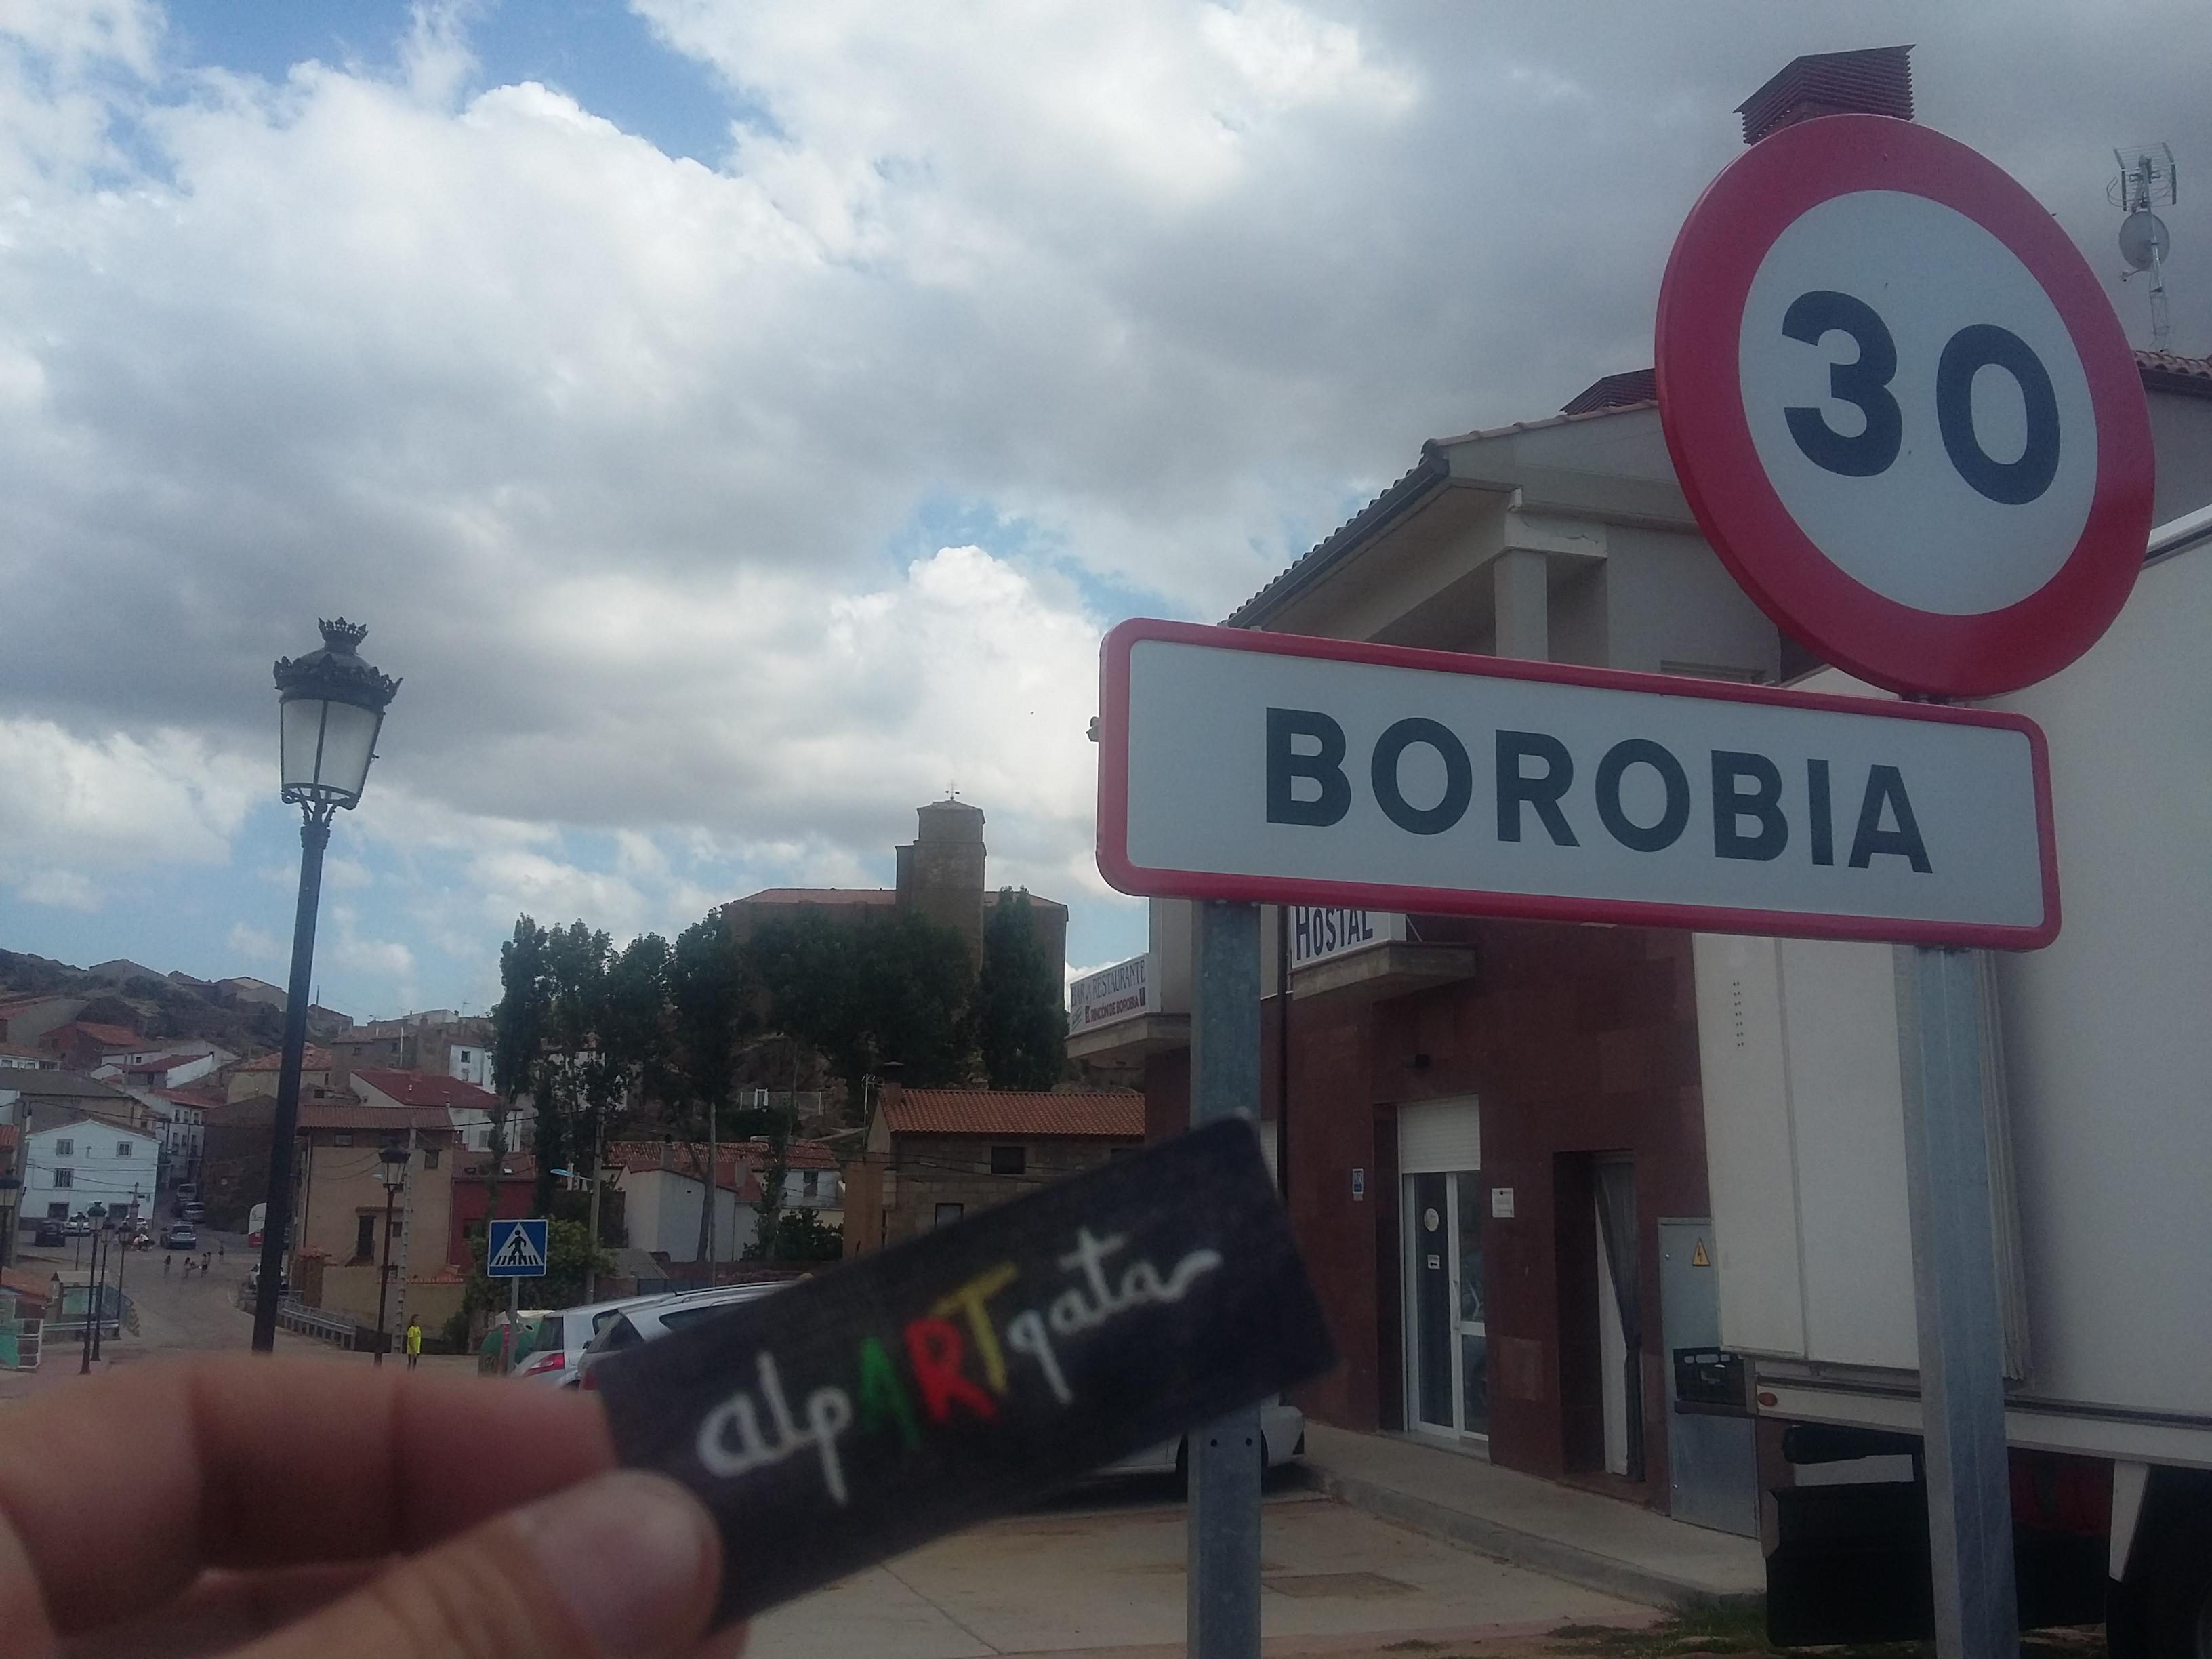 Borobia